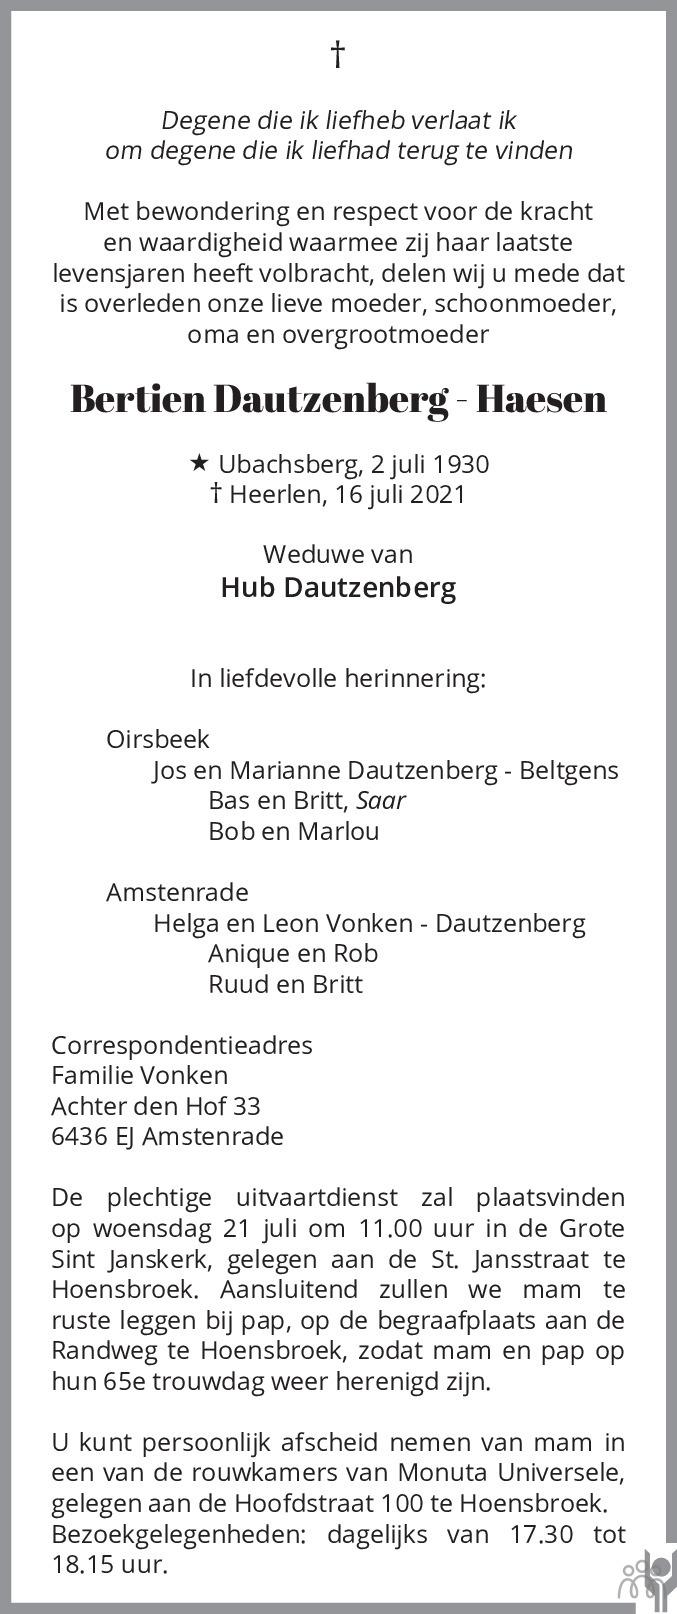 Overlijdensbericht van Bertien Dautzenberg-Haesen in De Limburger